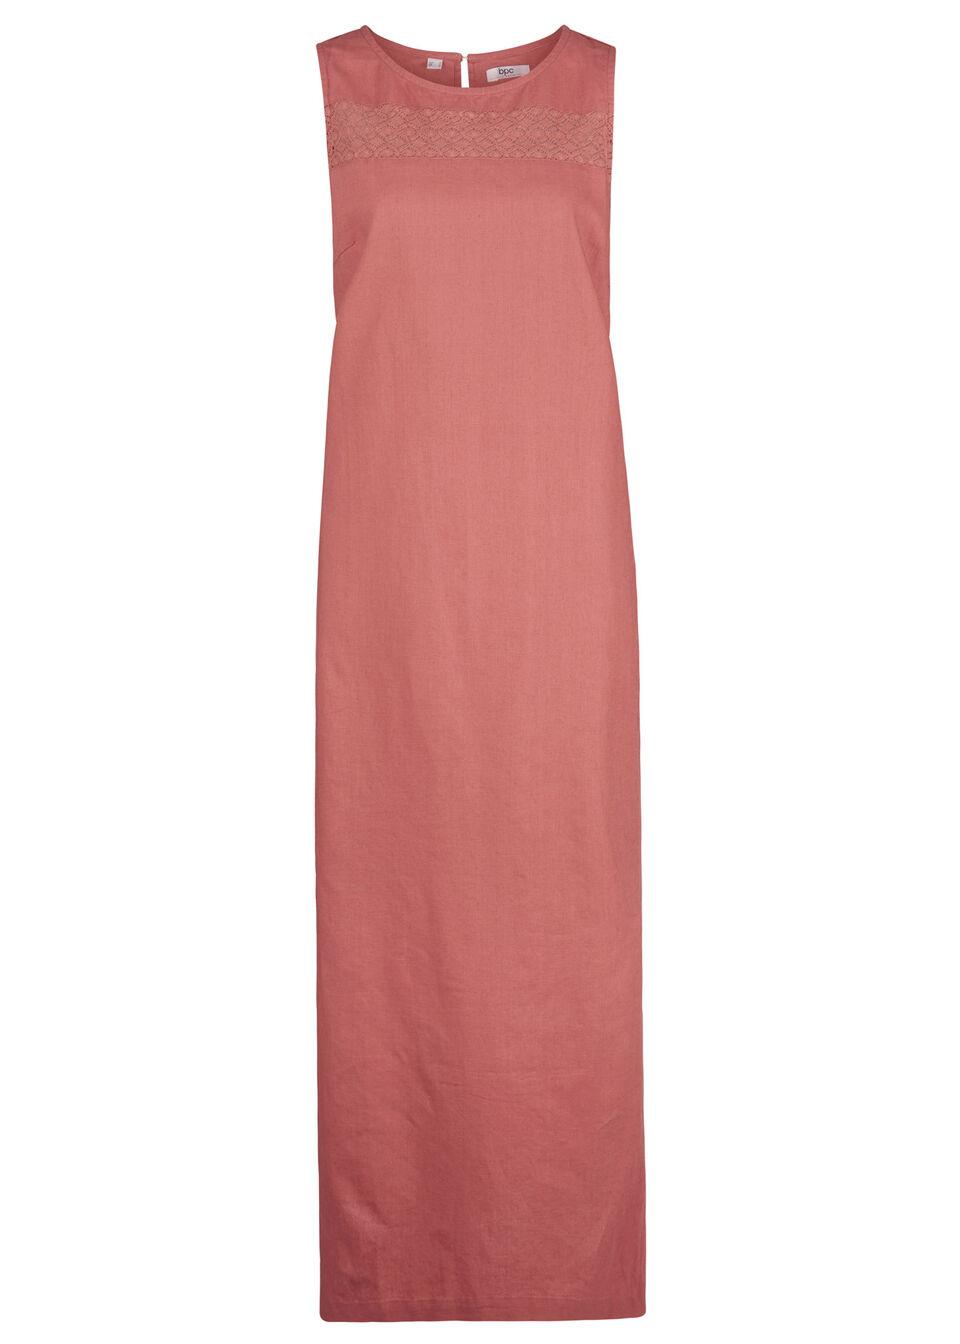 Sukienka lniana w ażurowy wzór, bez rękawów bonprix brązowy marsala